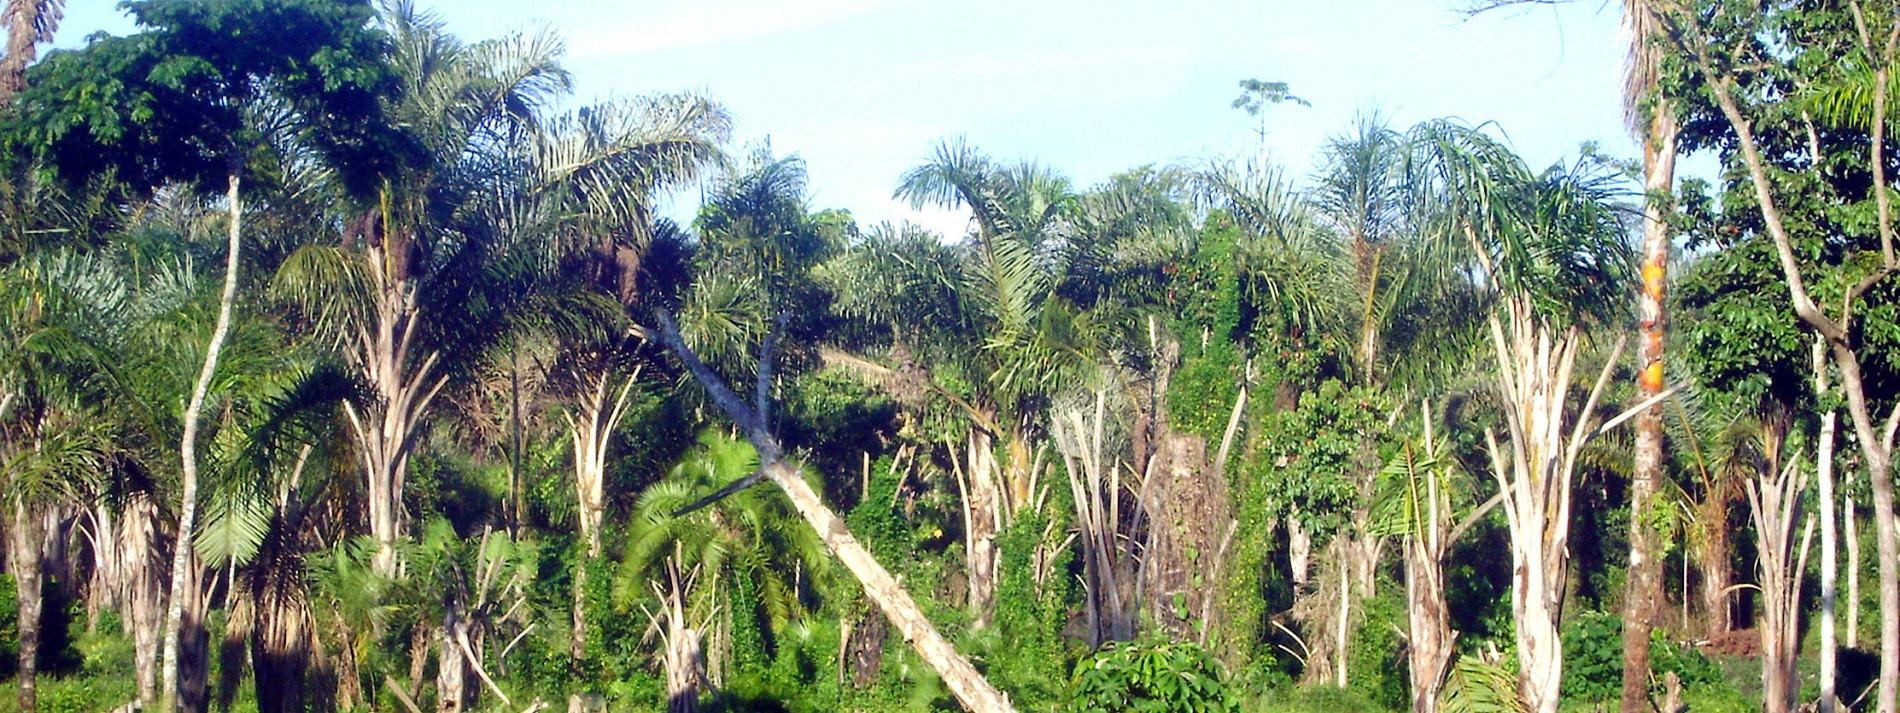 Afrika wird zum Hotspot der Abholzung